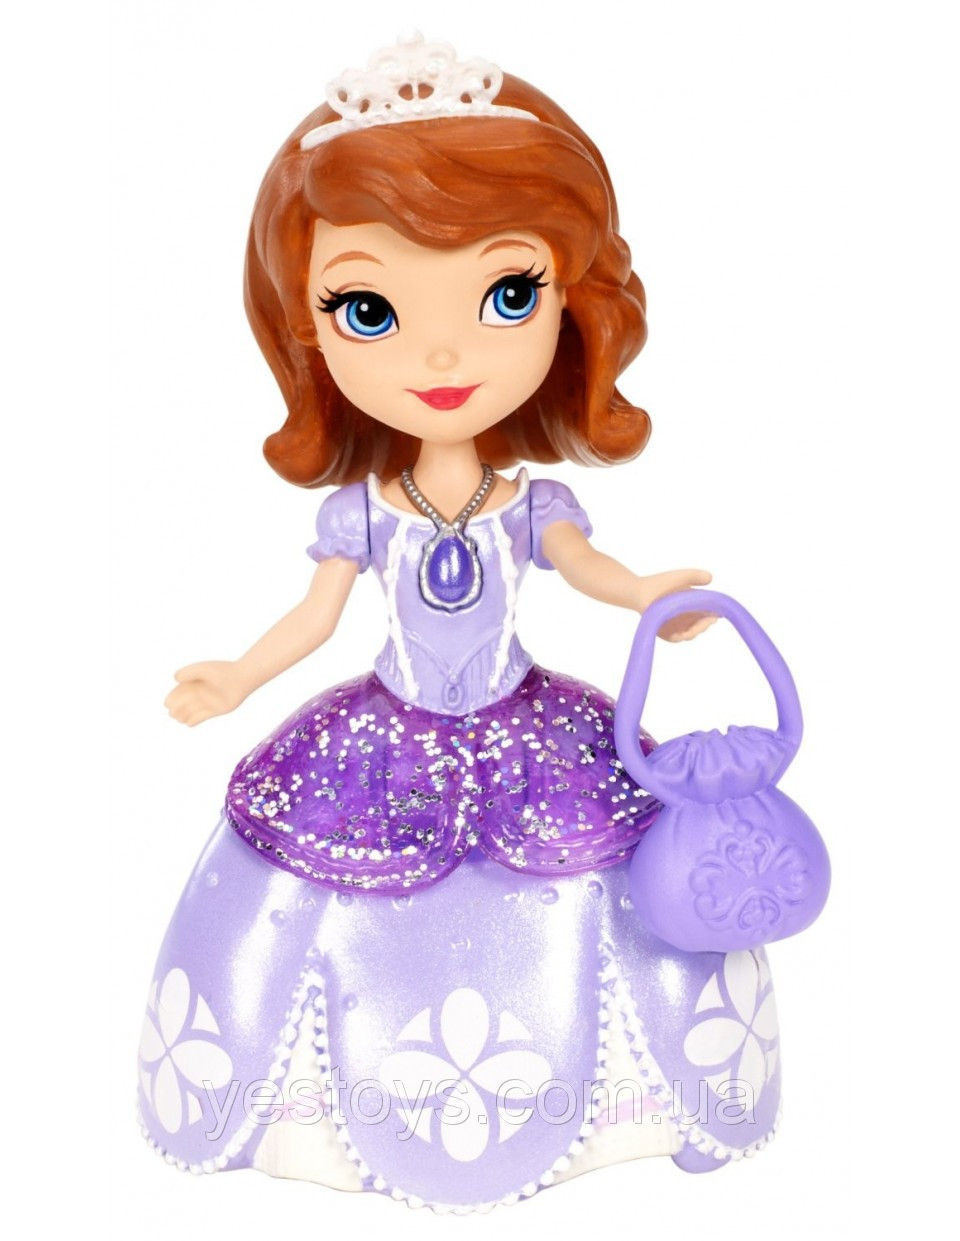 Софія Прекрасна - Перша принцеса (София прекрасная - Первая принцесса, The First-Princess Sophia)